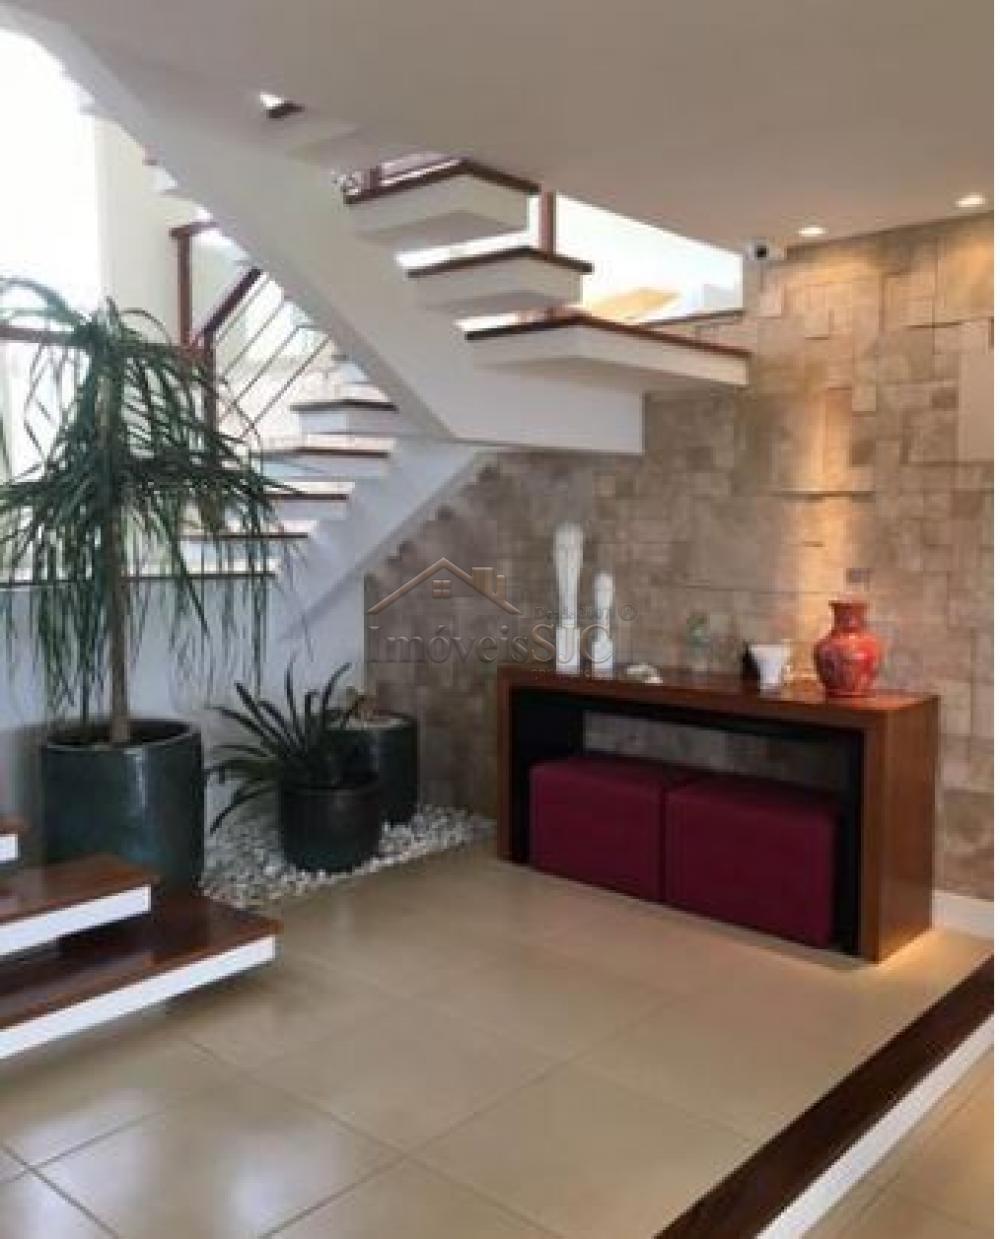 Comprar Casas / Condomínio em Jacareí apenas R$ 2.150.000,00 - Foto 1